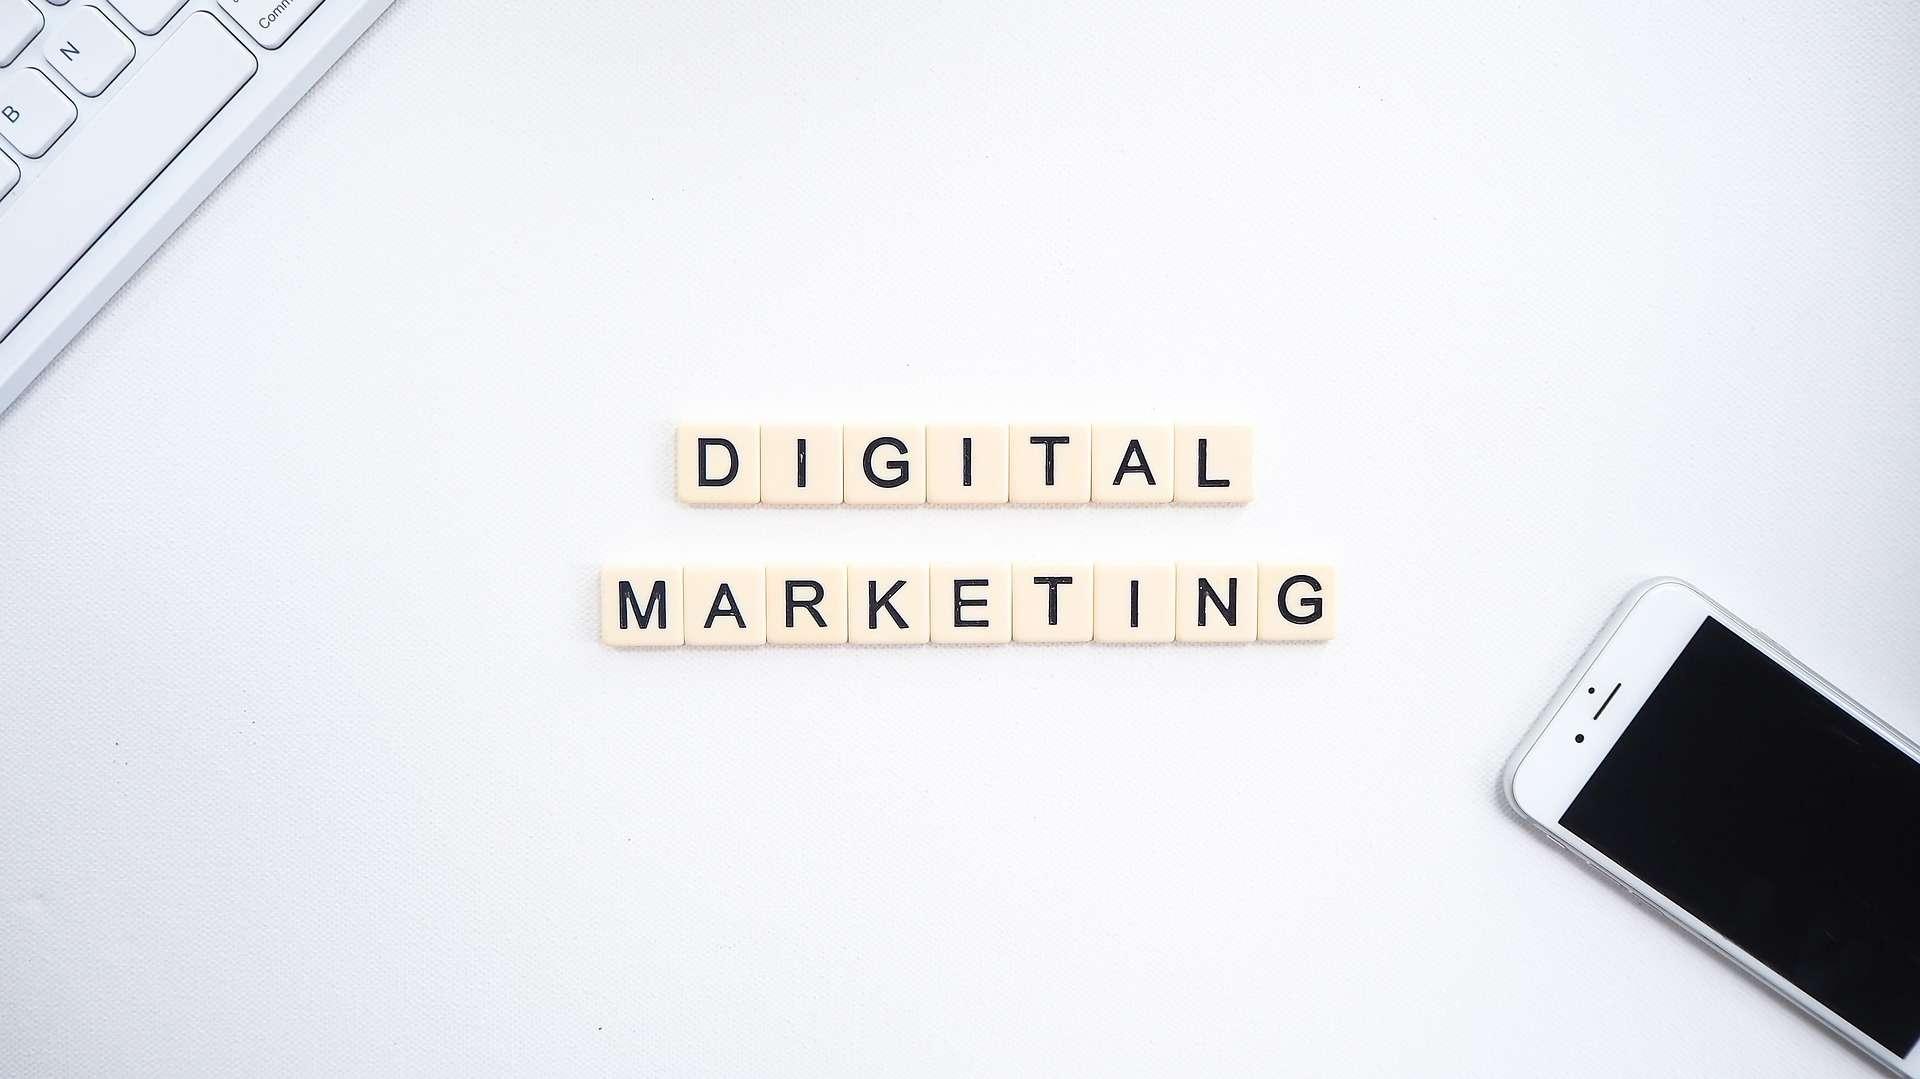 digital marketing written on table